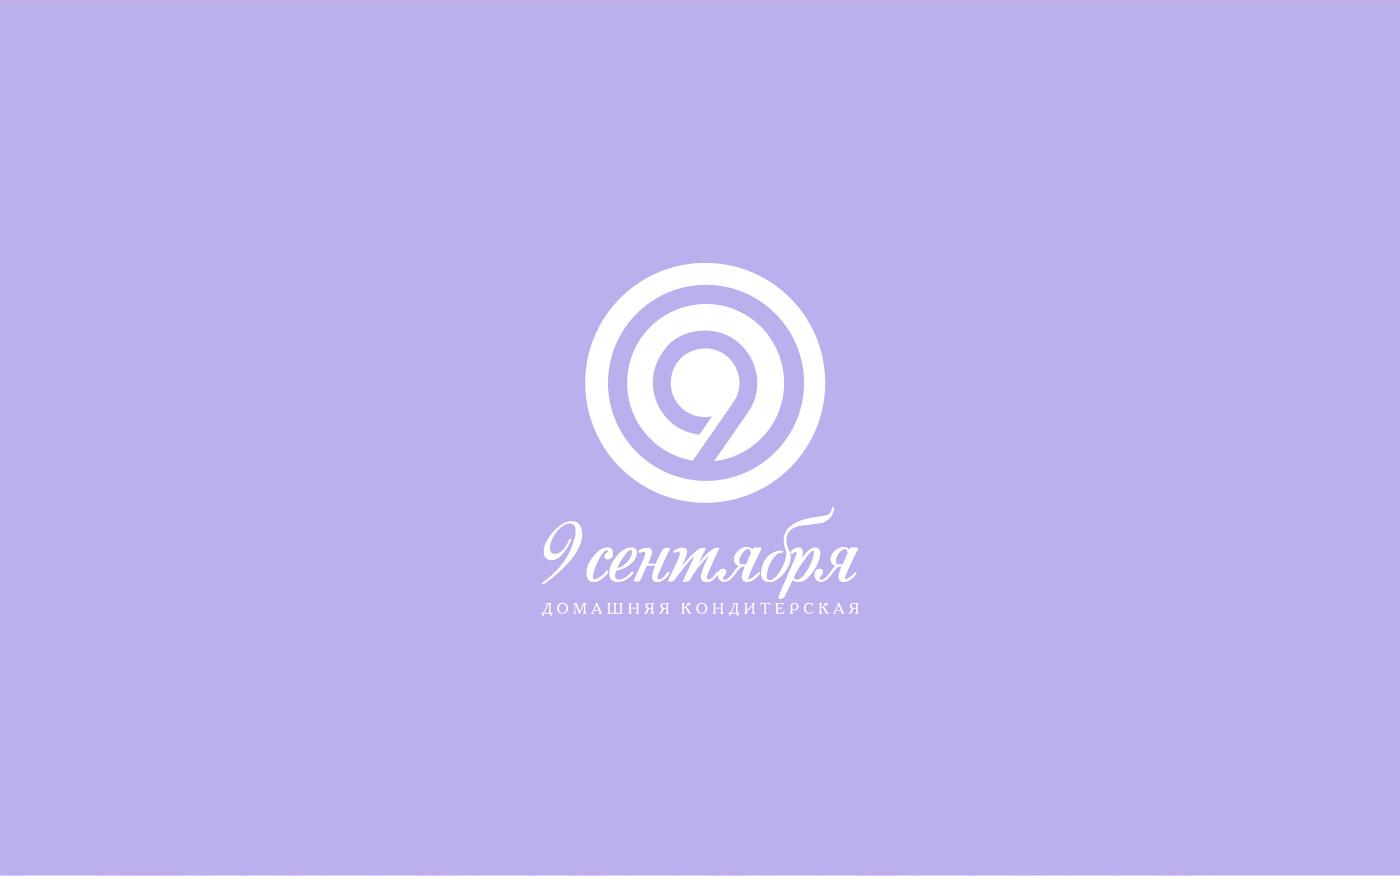 9 September logo